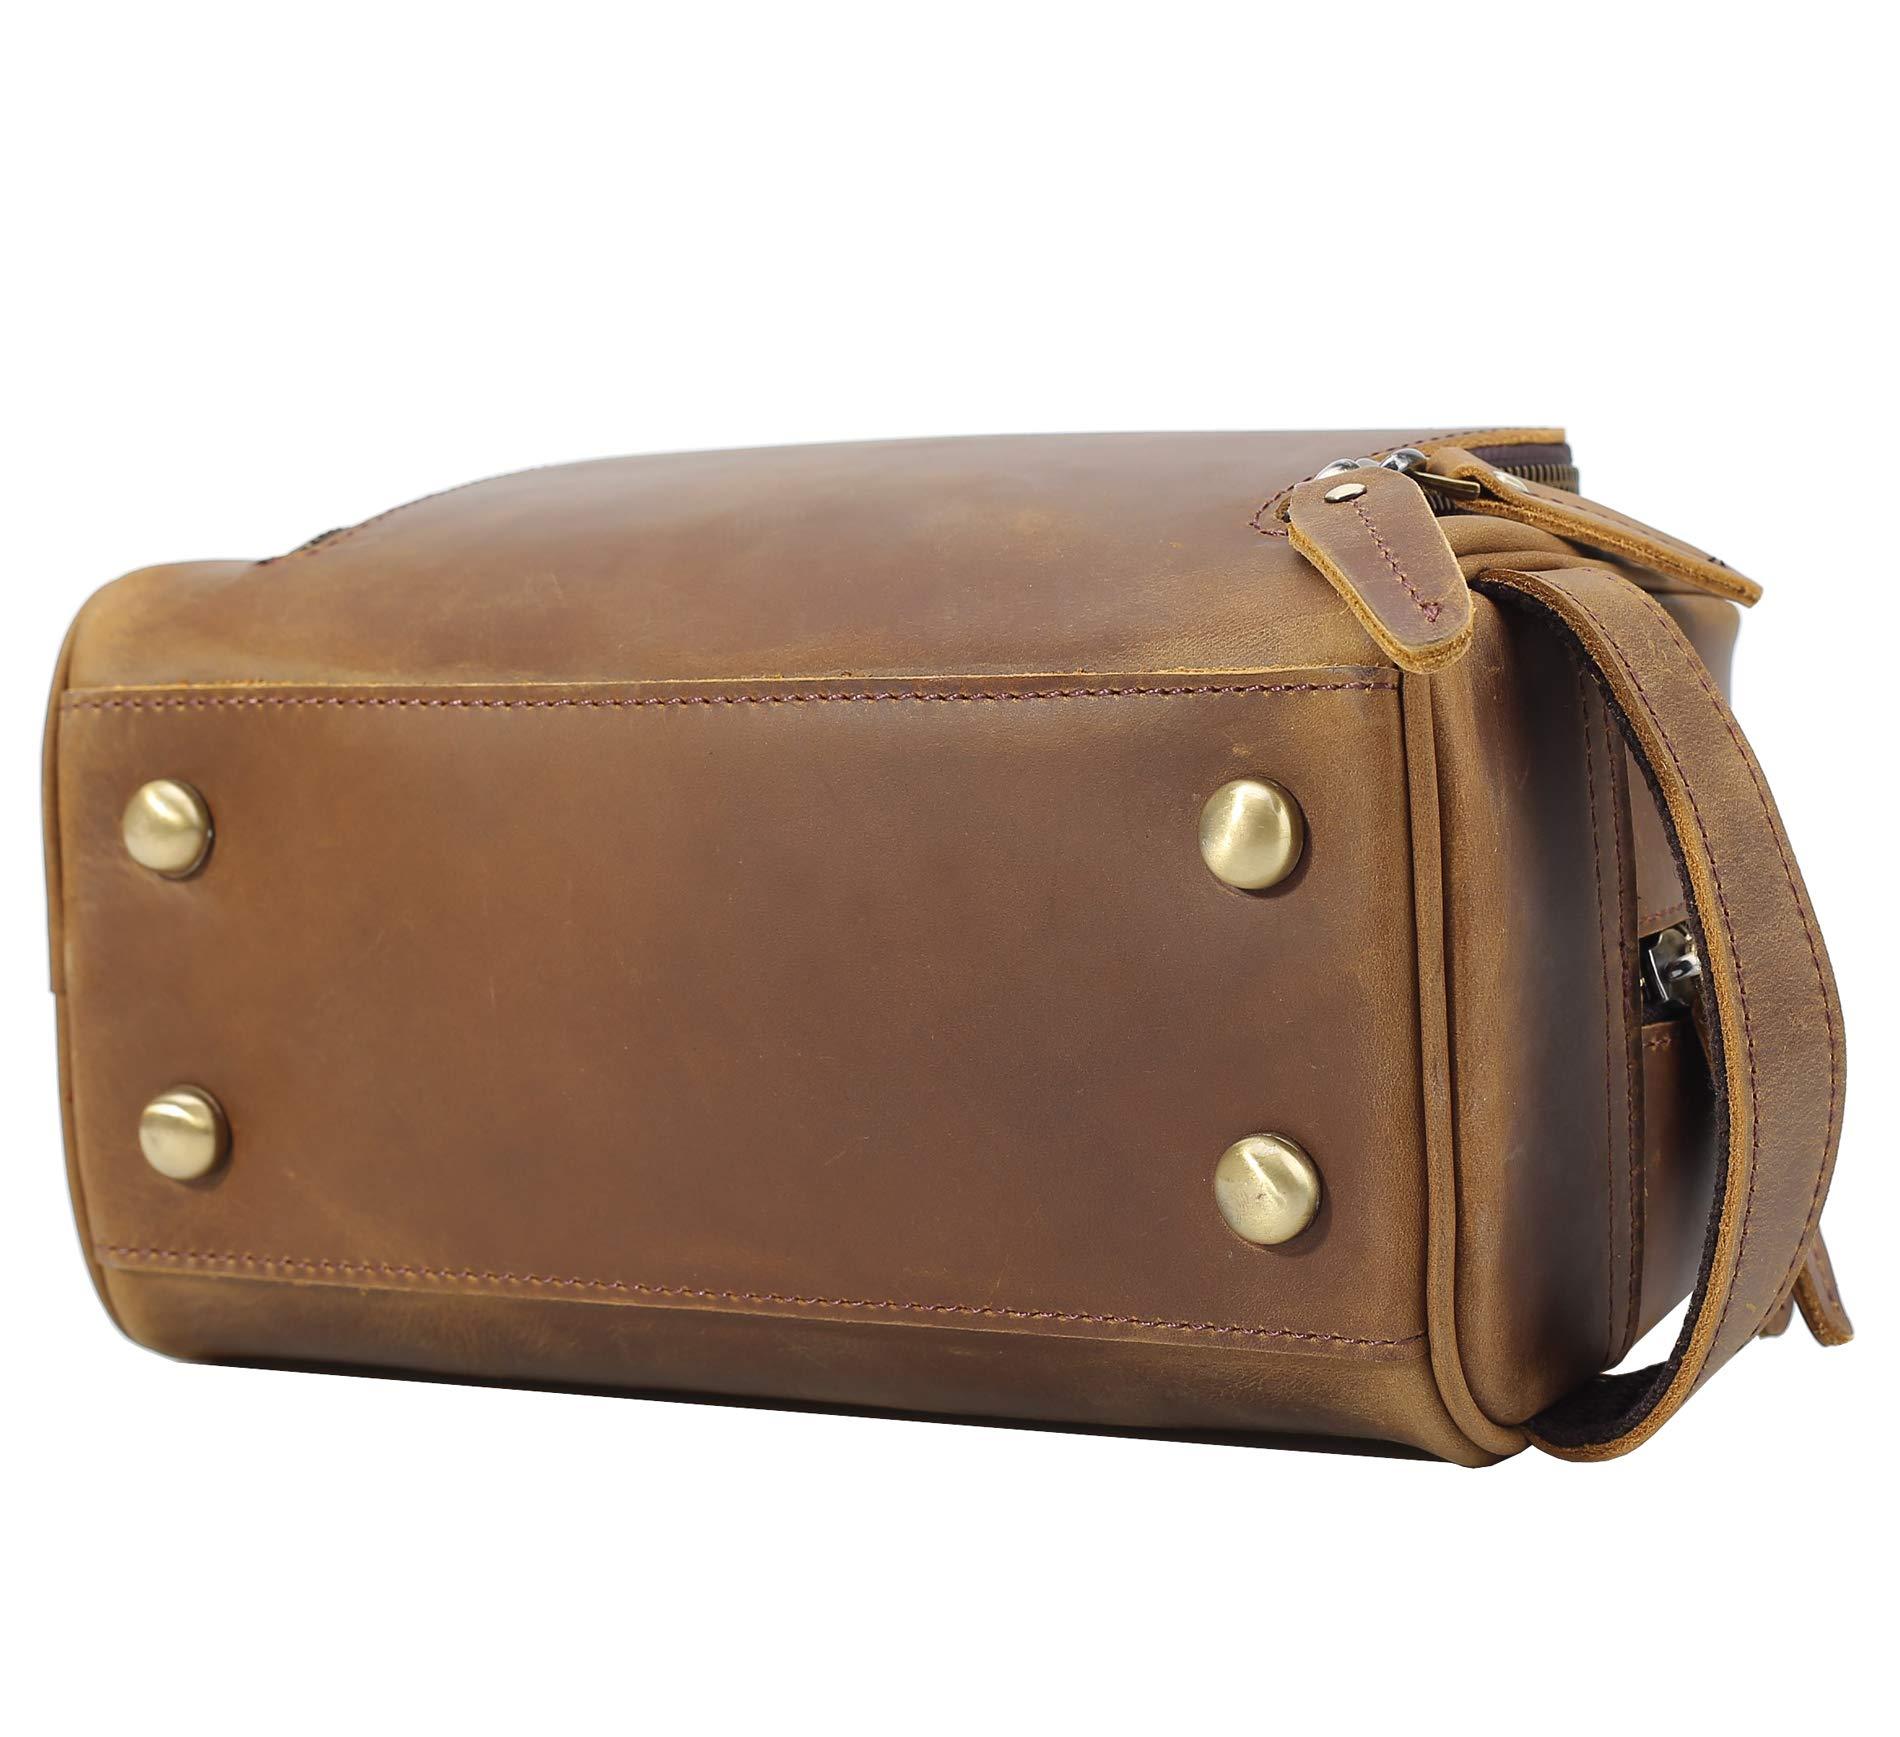 Polare Vintage Full Grain Leather Handmade Travel Toiletry Bag for Men - Dopp Kit - Shaving Kit by POLARE ORIGINAL (Image #5)